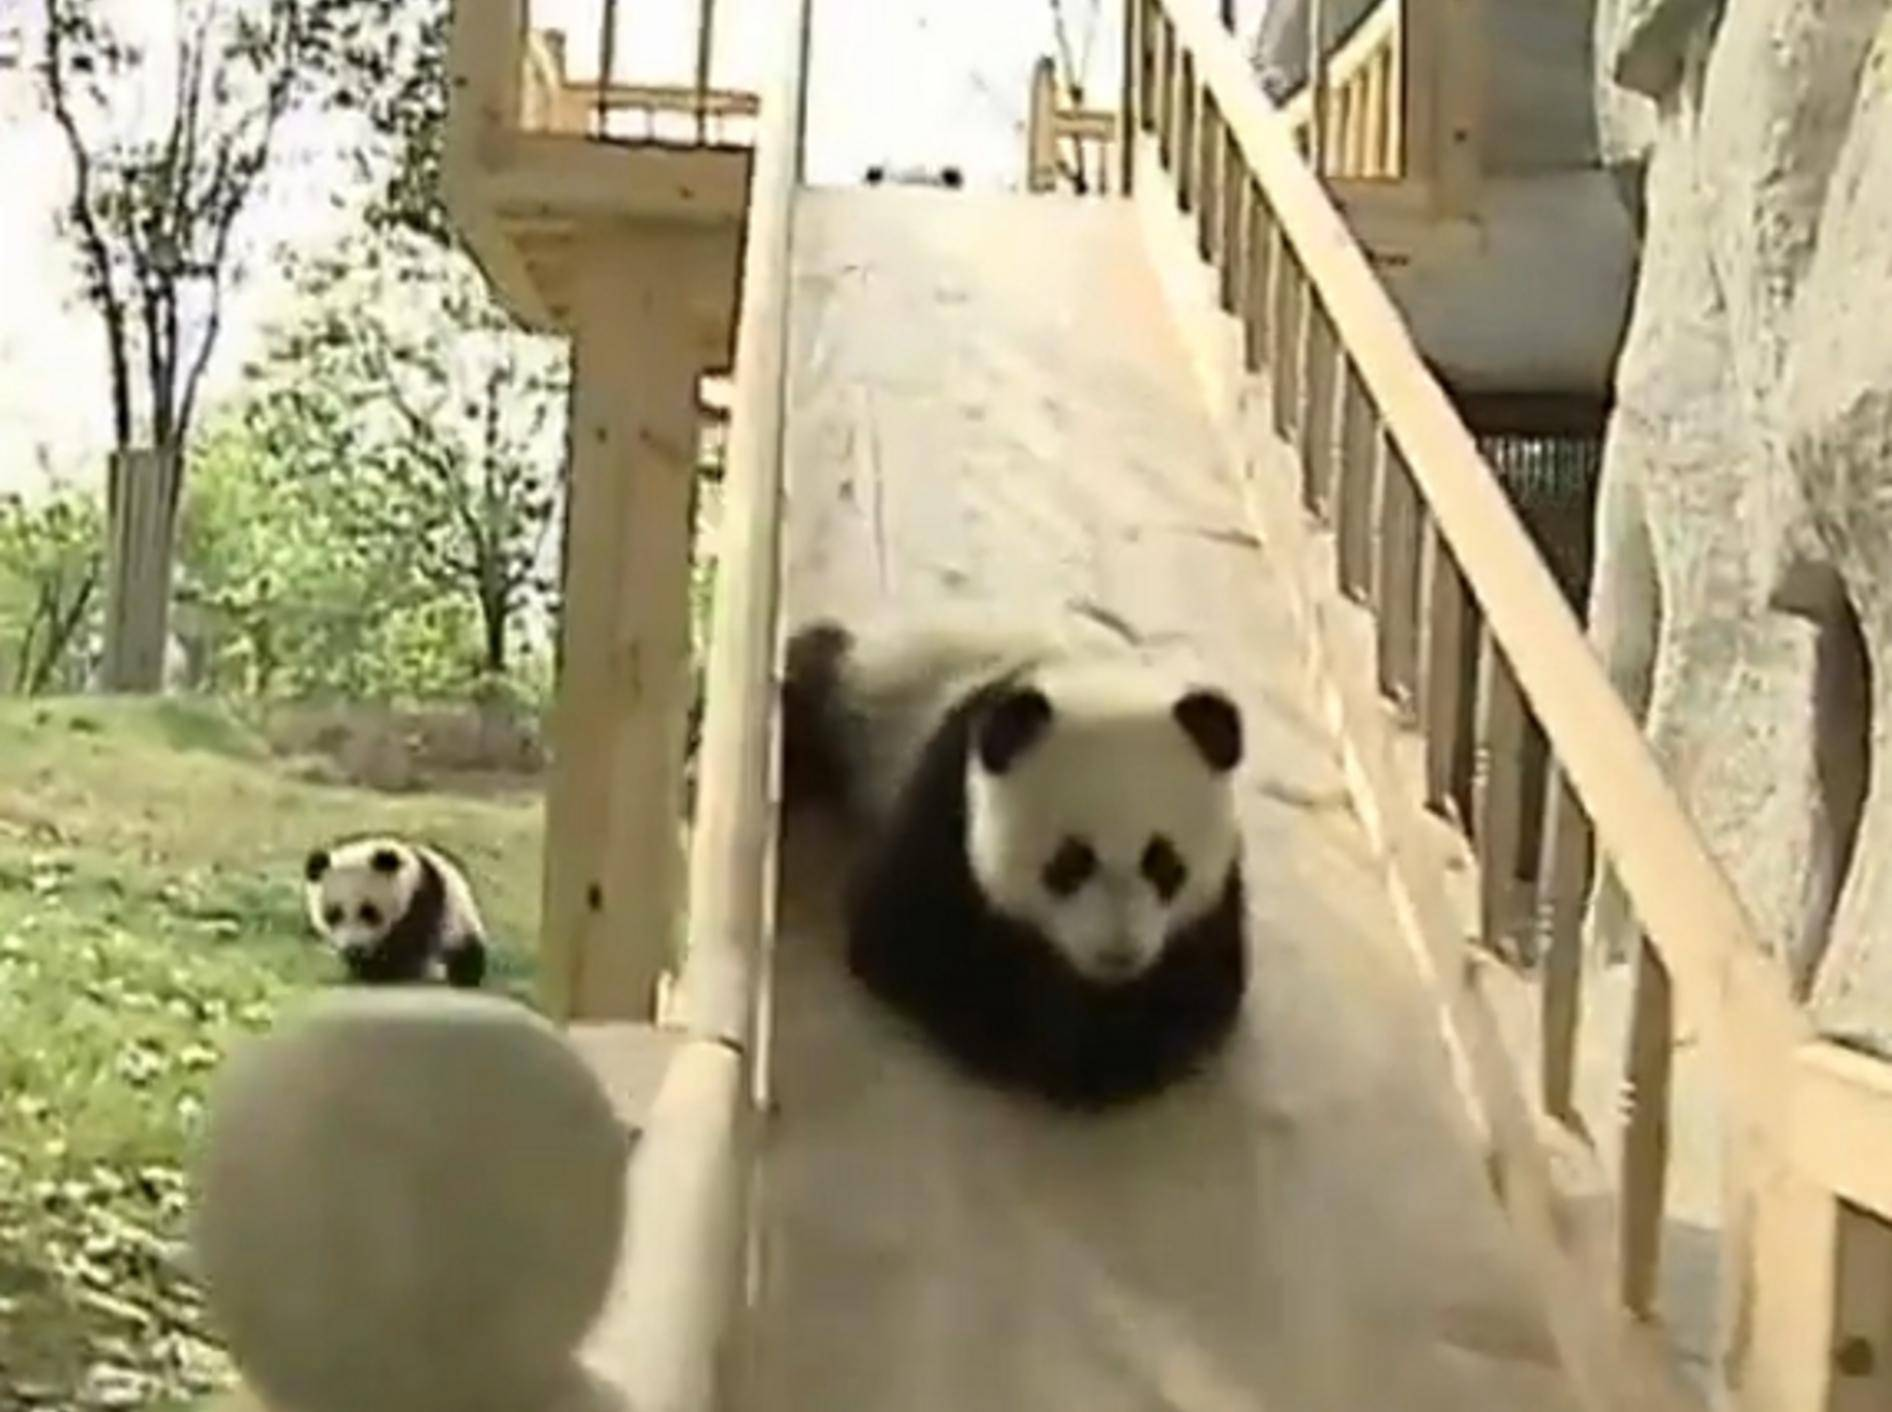 Pandababys lieben ihre Holzrutsche